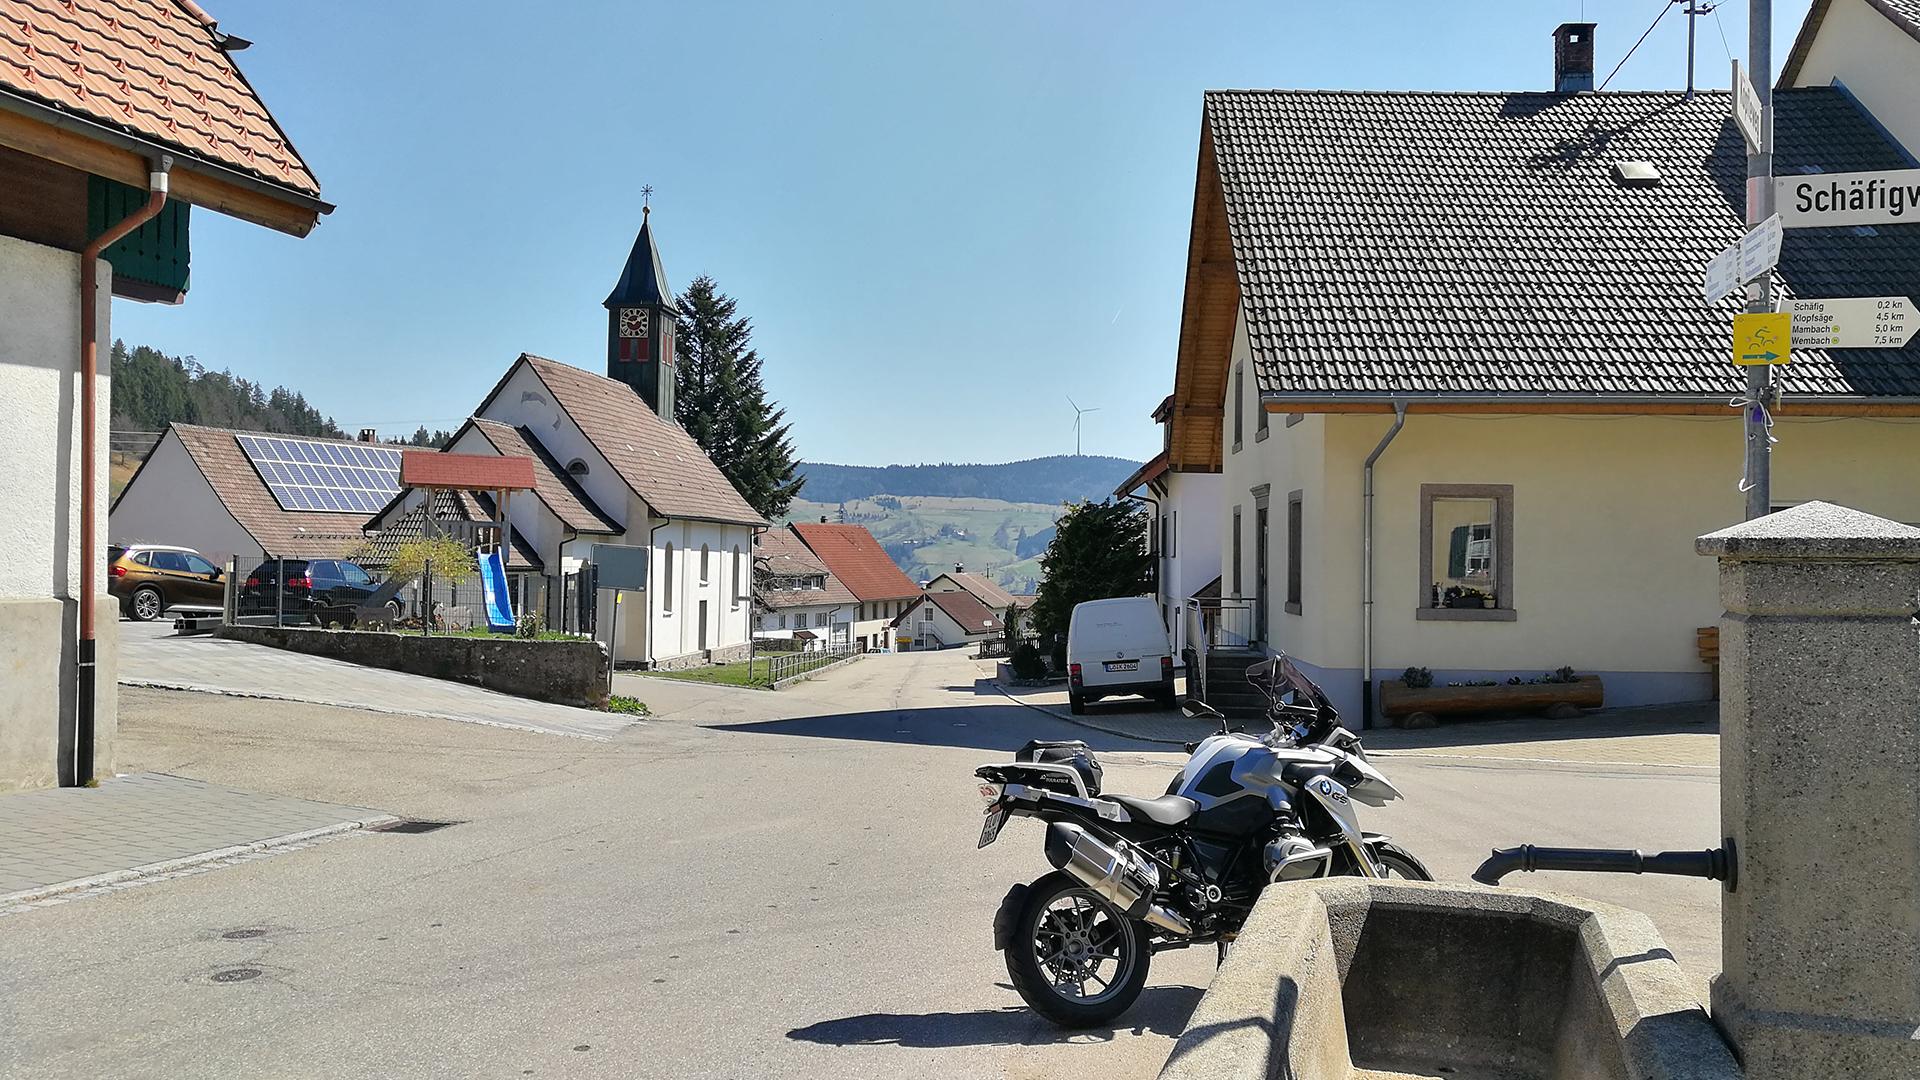 0860 - D - Ehrsberg